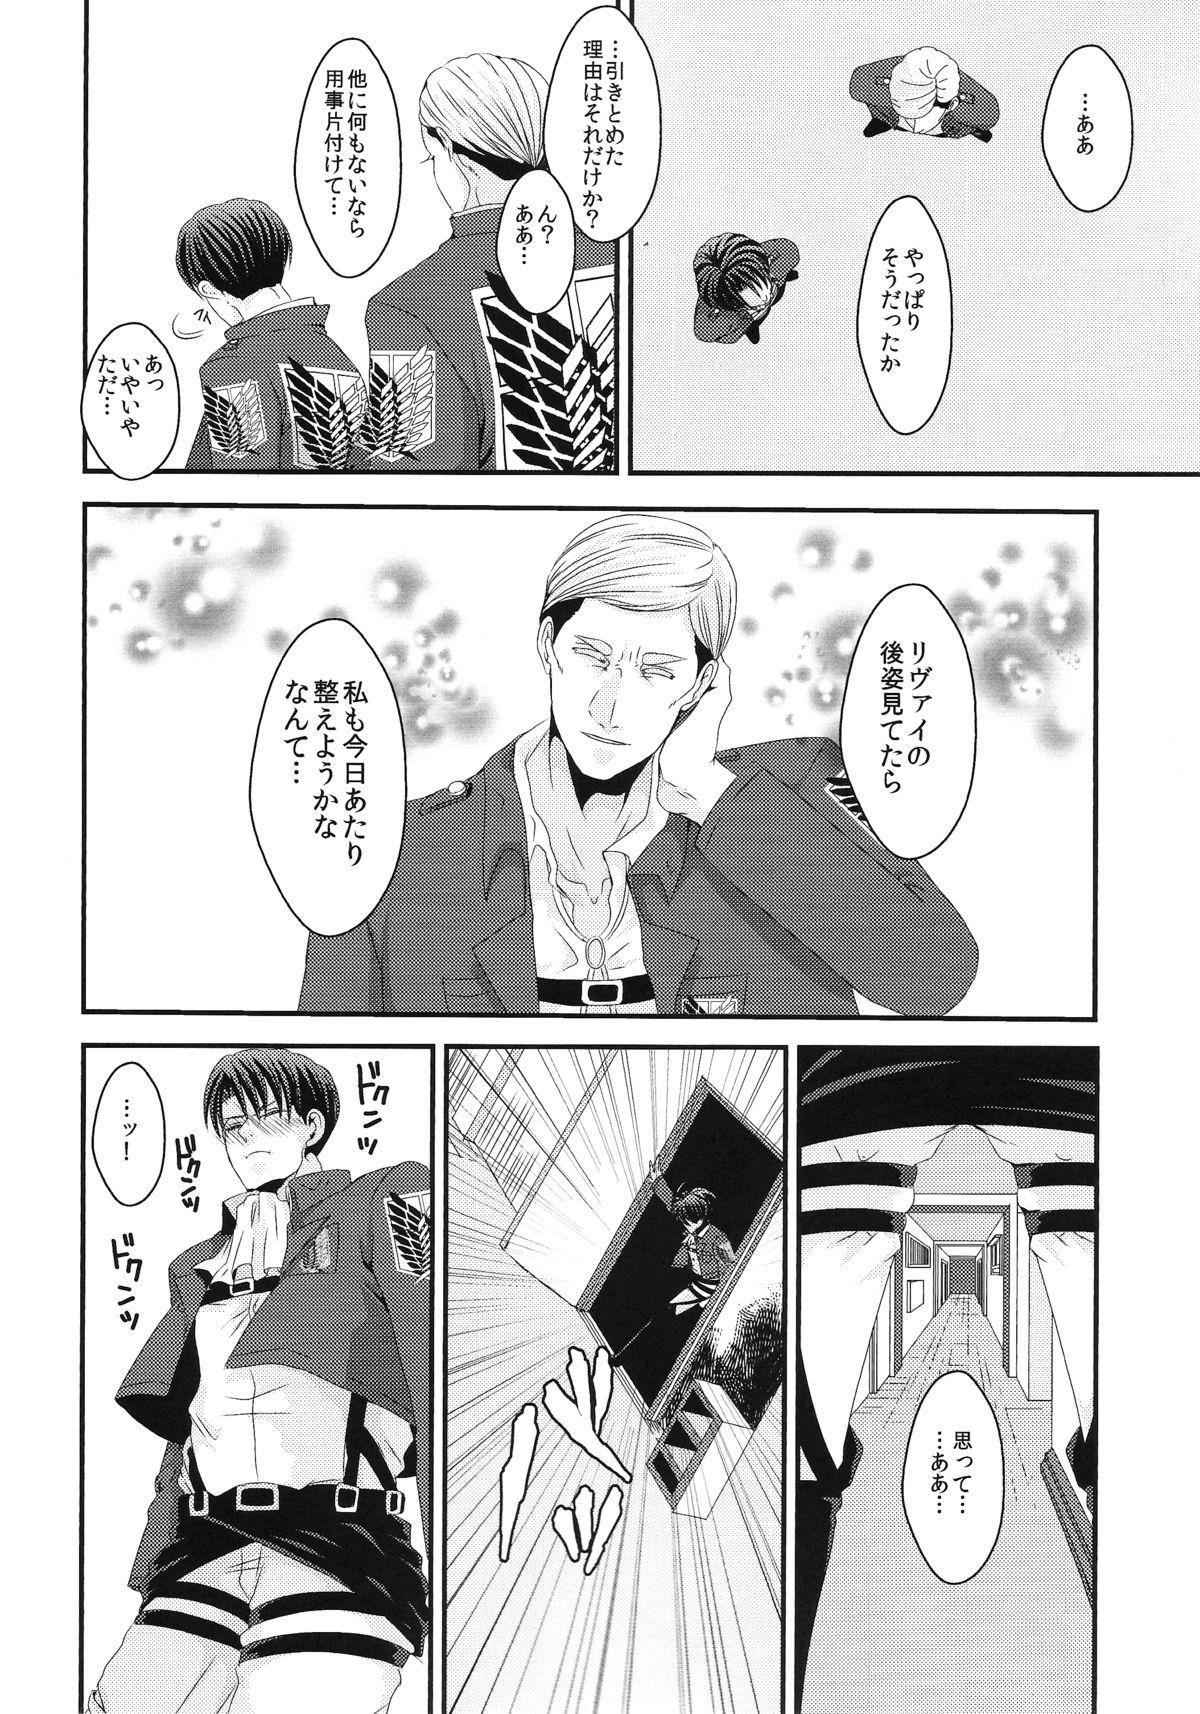 Ore no Kangaeta Ichiban Kantan na Kaiketsu Houhou o Warau Yatsu Korosu 11